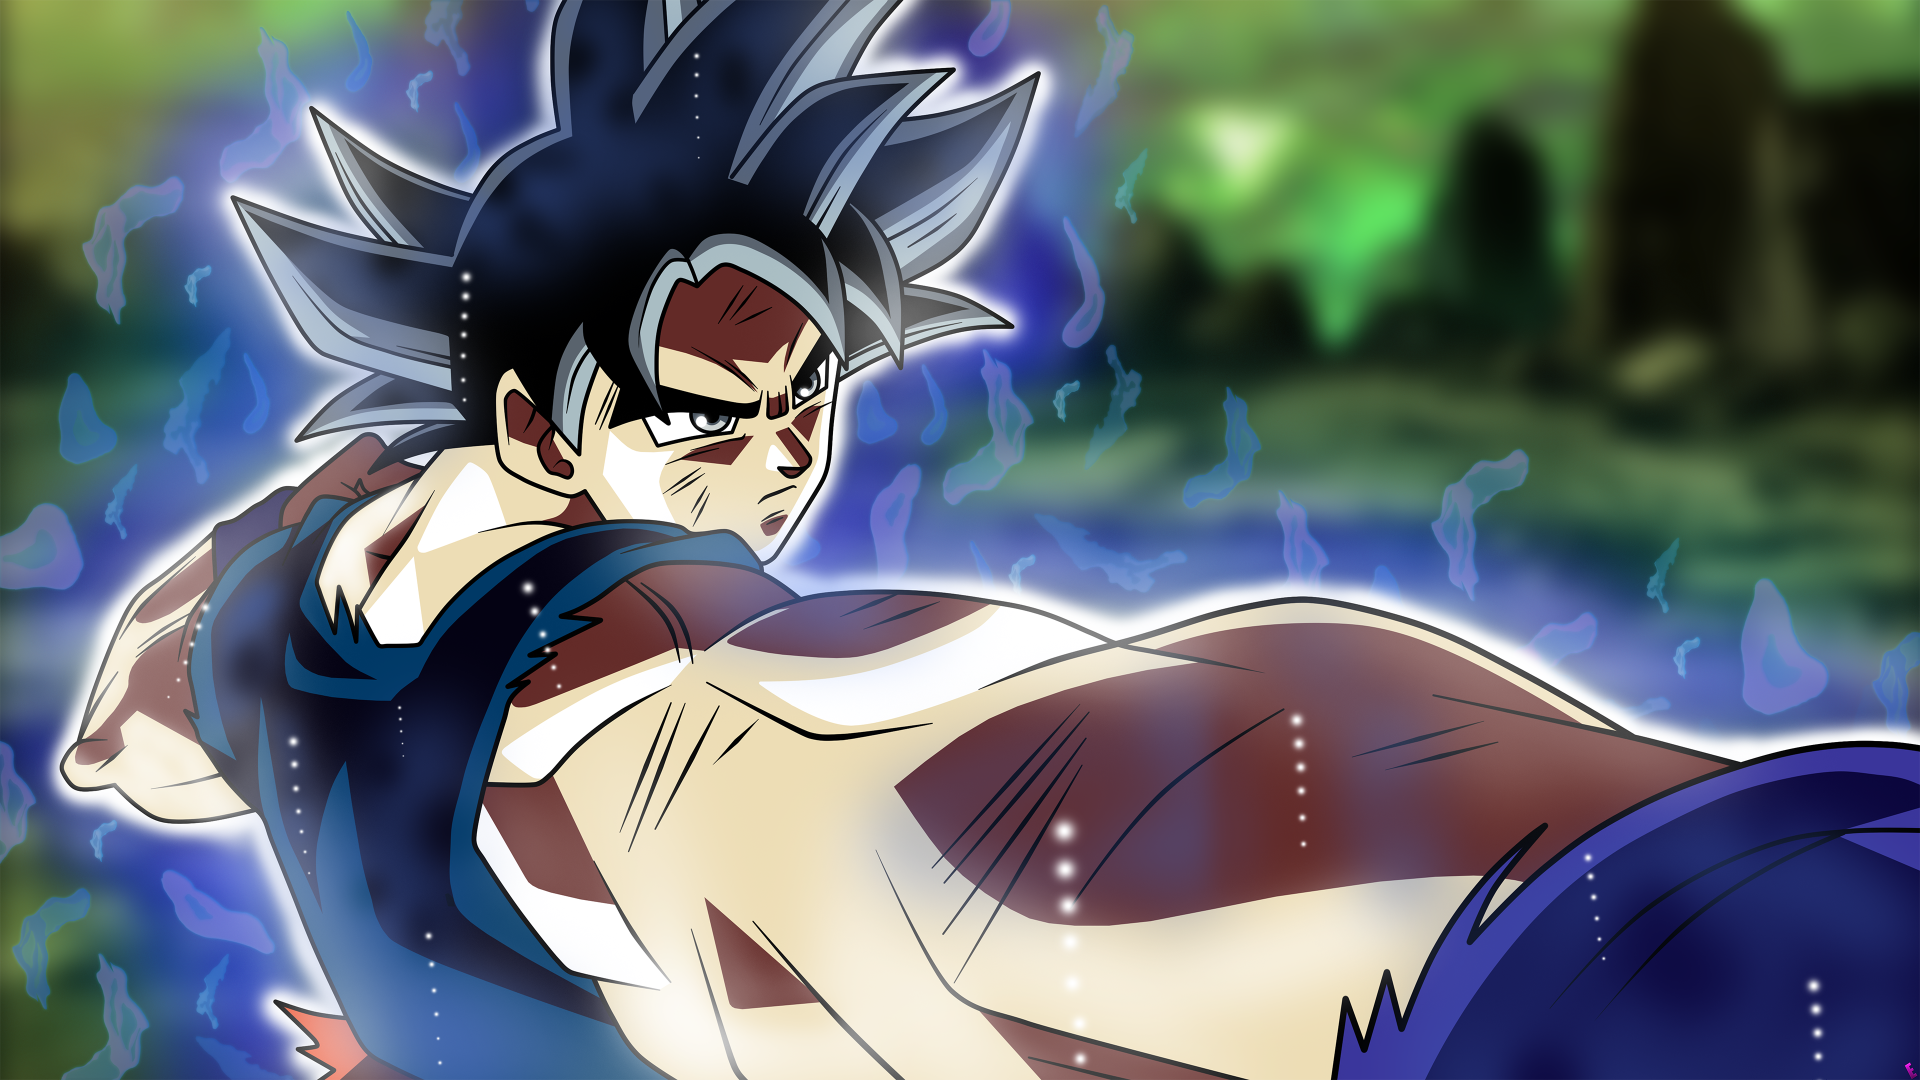 Los Mejores Fondos De Pantalla De Goku Migatte No Gokui Hd: Goku Migatte No Gokui 4k Ultra Fondo De Pantalla HD